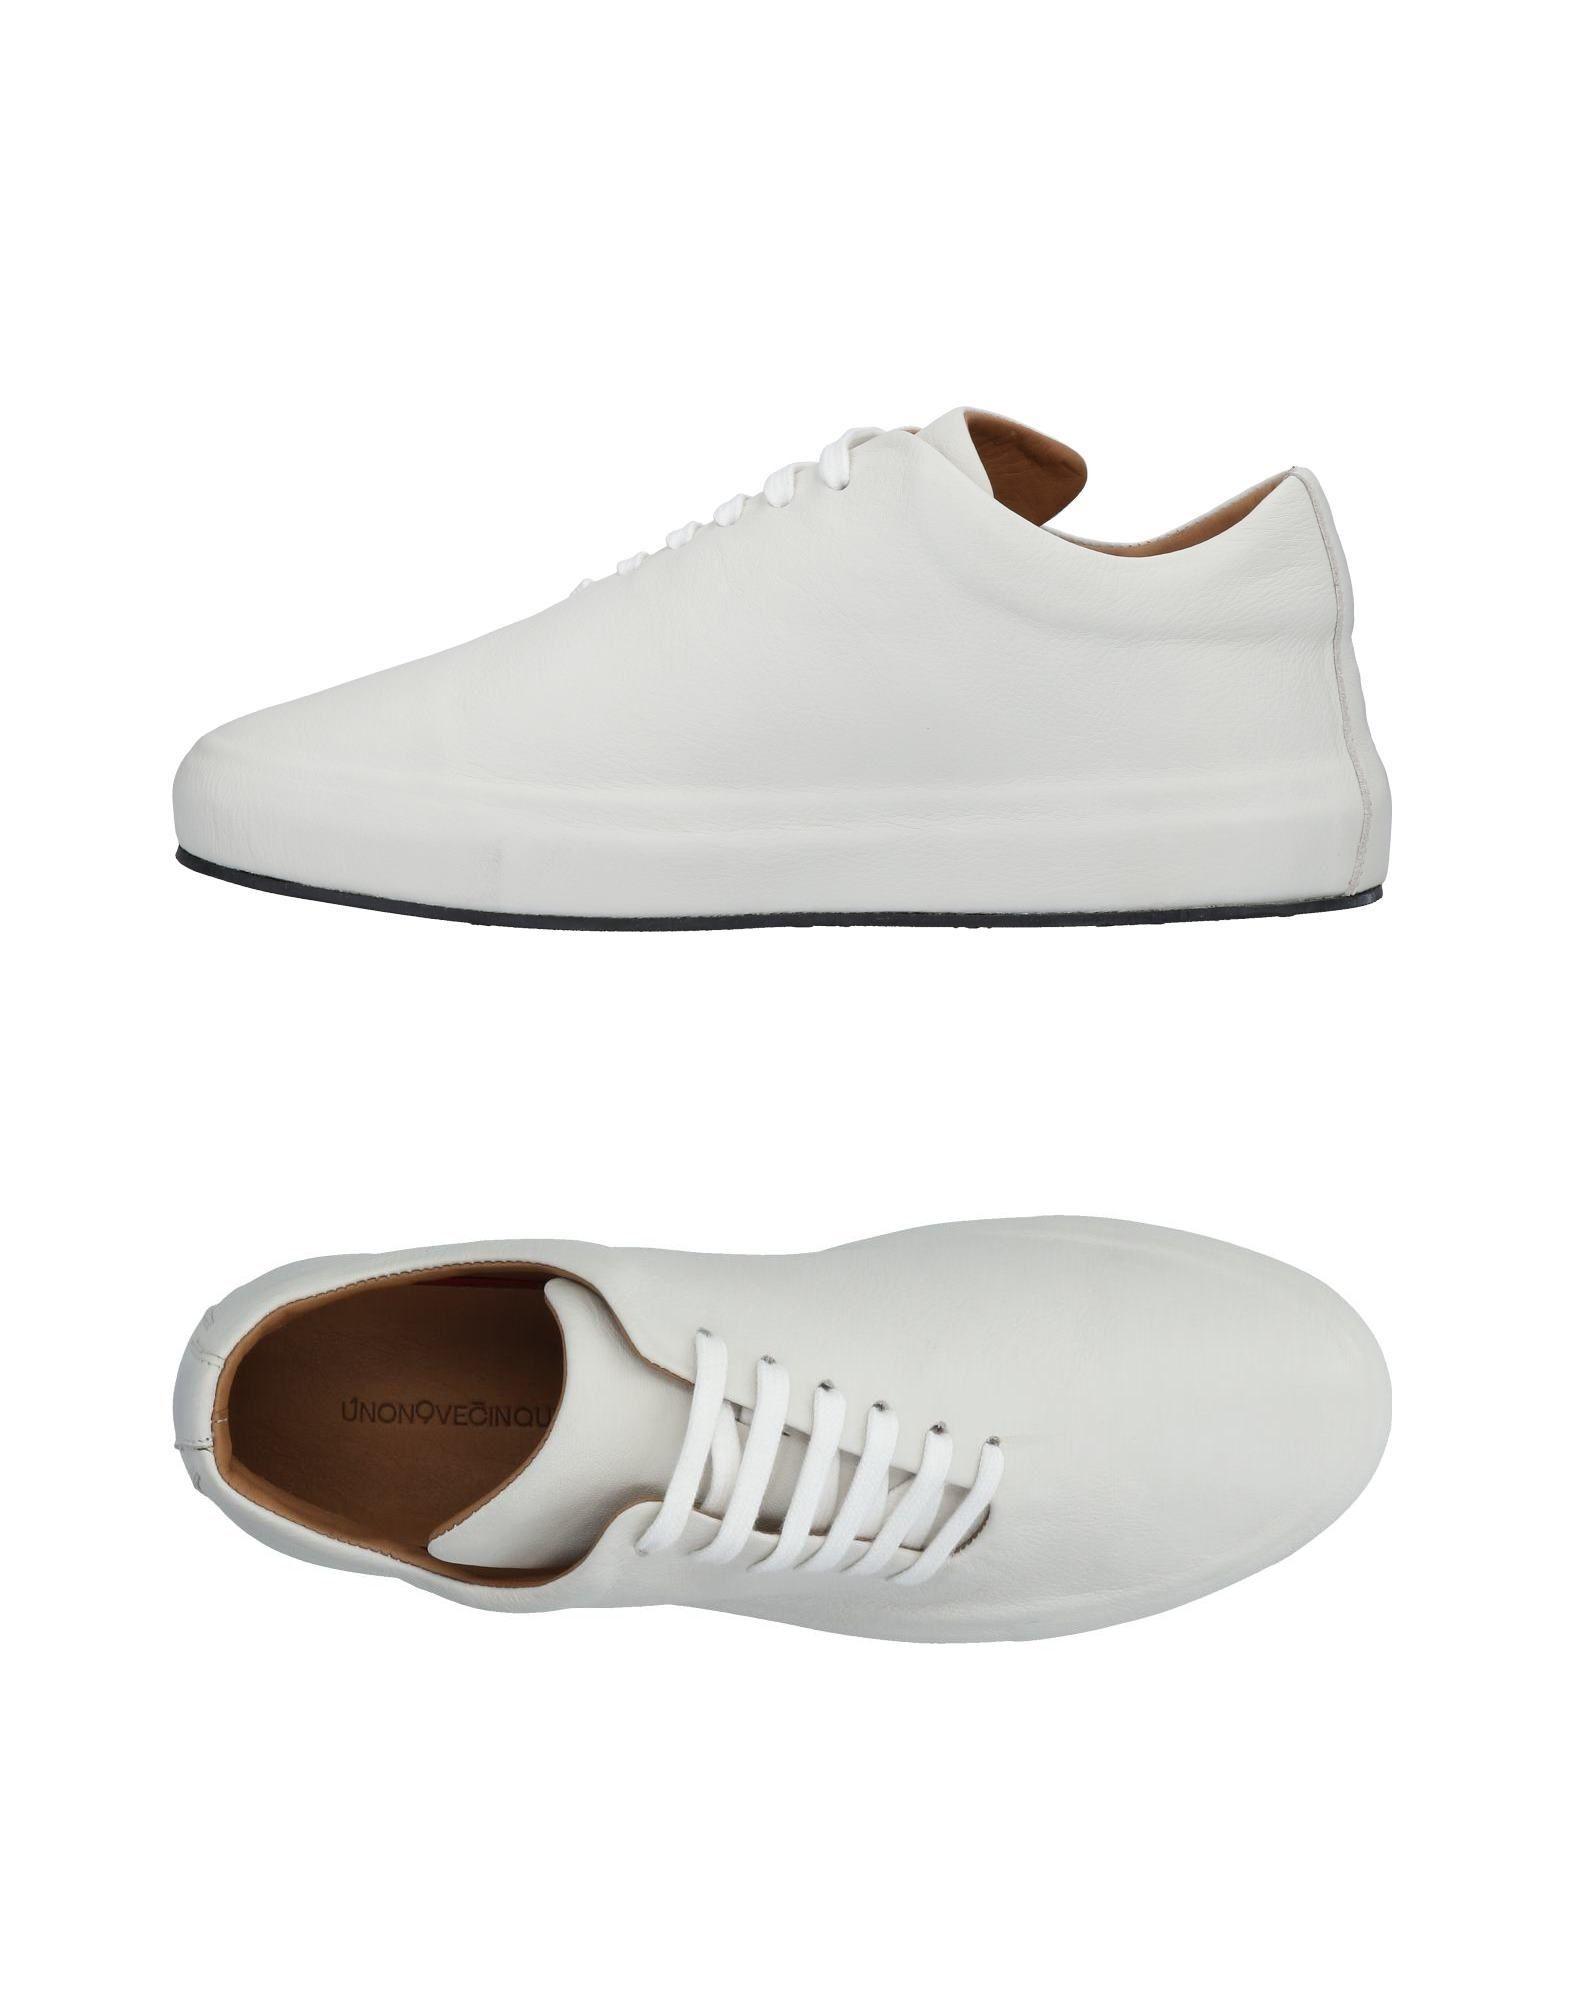 Sneakers Unonovecinque Homme - Sneakers Unonovecinque  Ivoire Meilleur modèle de vente